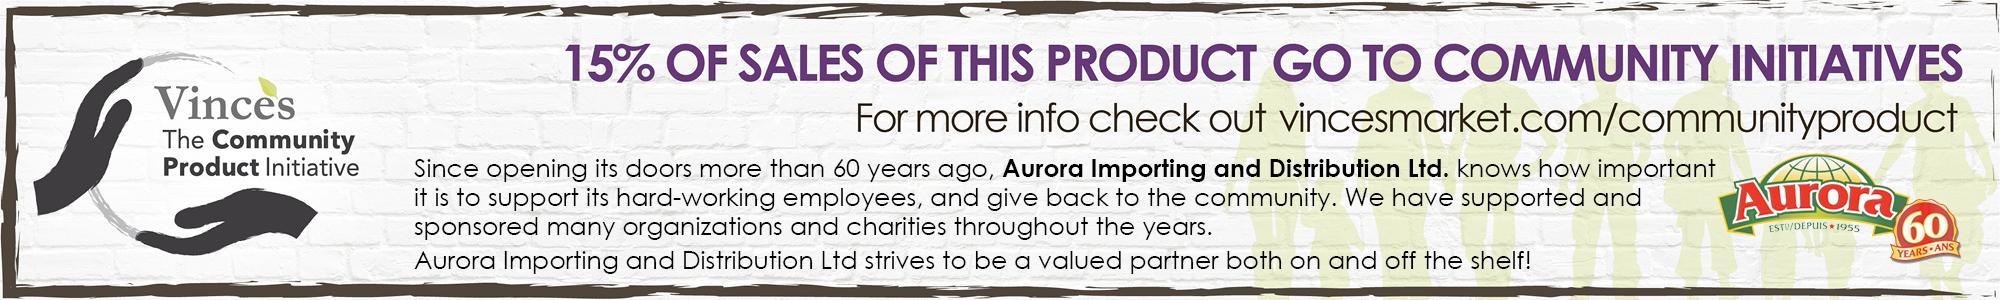 Vince's Community Product Mar 9-22 - Aurora Pasta Sauces - Feature